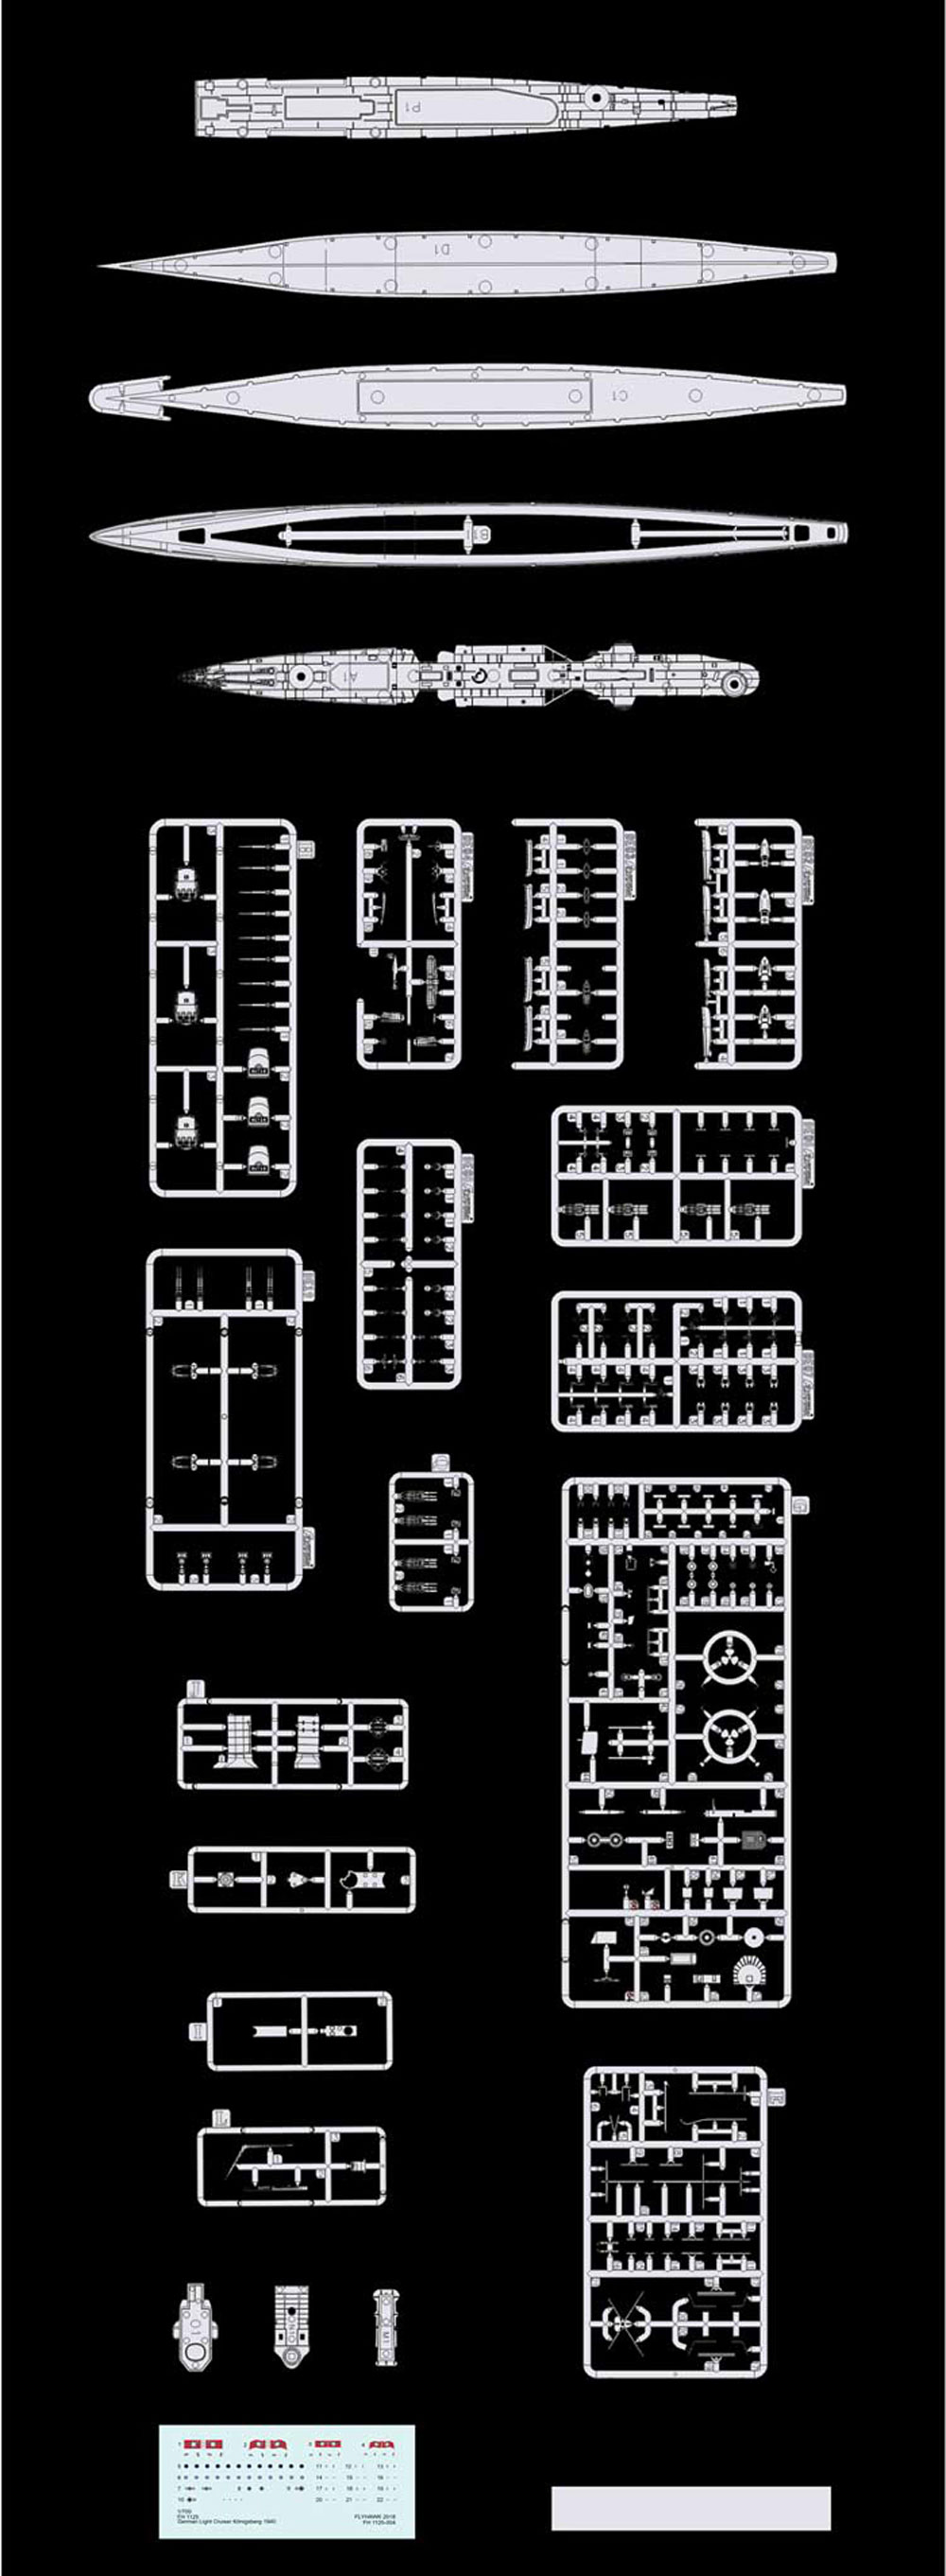 ドイツ海軍 軽巡洋艦 ケーニヒスベルク 1940年 豪華版プラモデル(フライホーク1/700 艦船No.FH1125S)商品画像_3